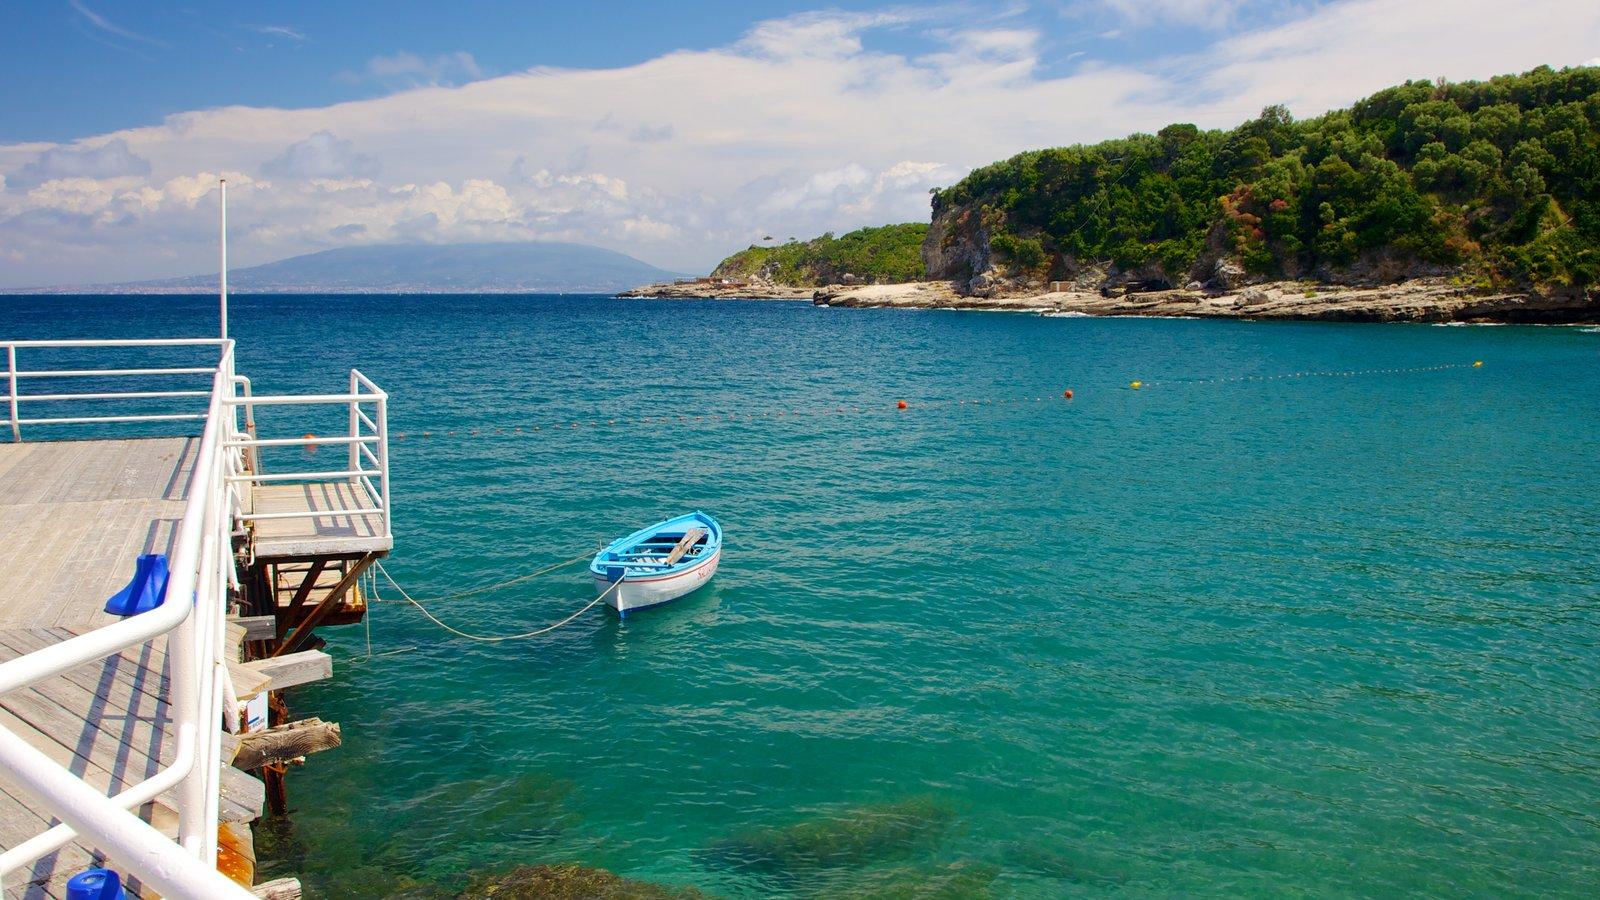 Marina di Puolo showing boating and general coastal views